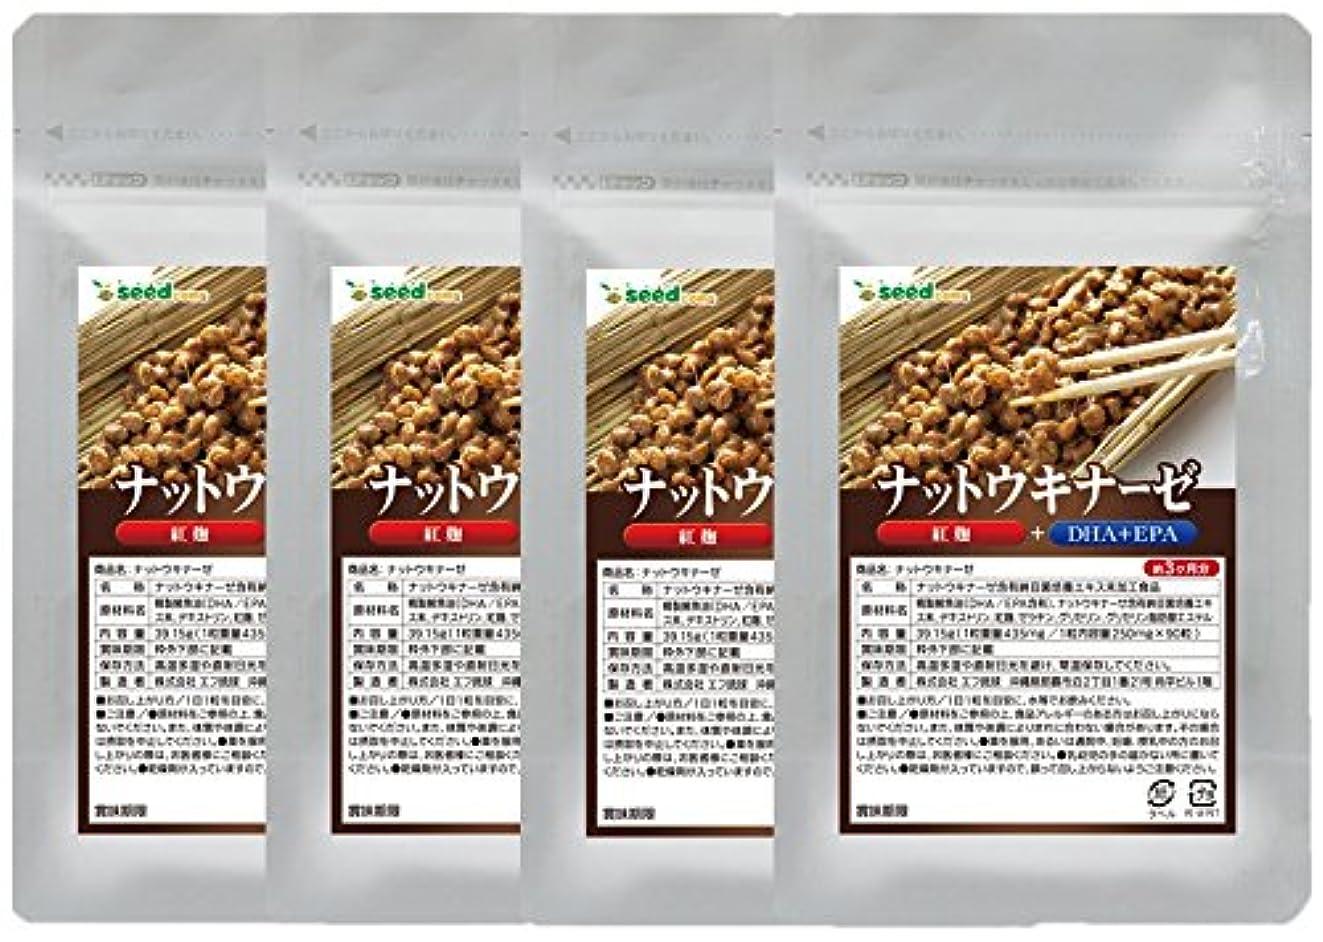 さようなら粘土コンピューター【 seedcoms シードコムス 公式 】ナットウキナーゼ (約12ケ月分) 紅麹、DHA&EPA入り